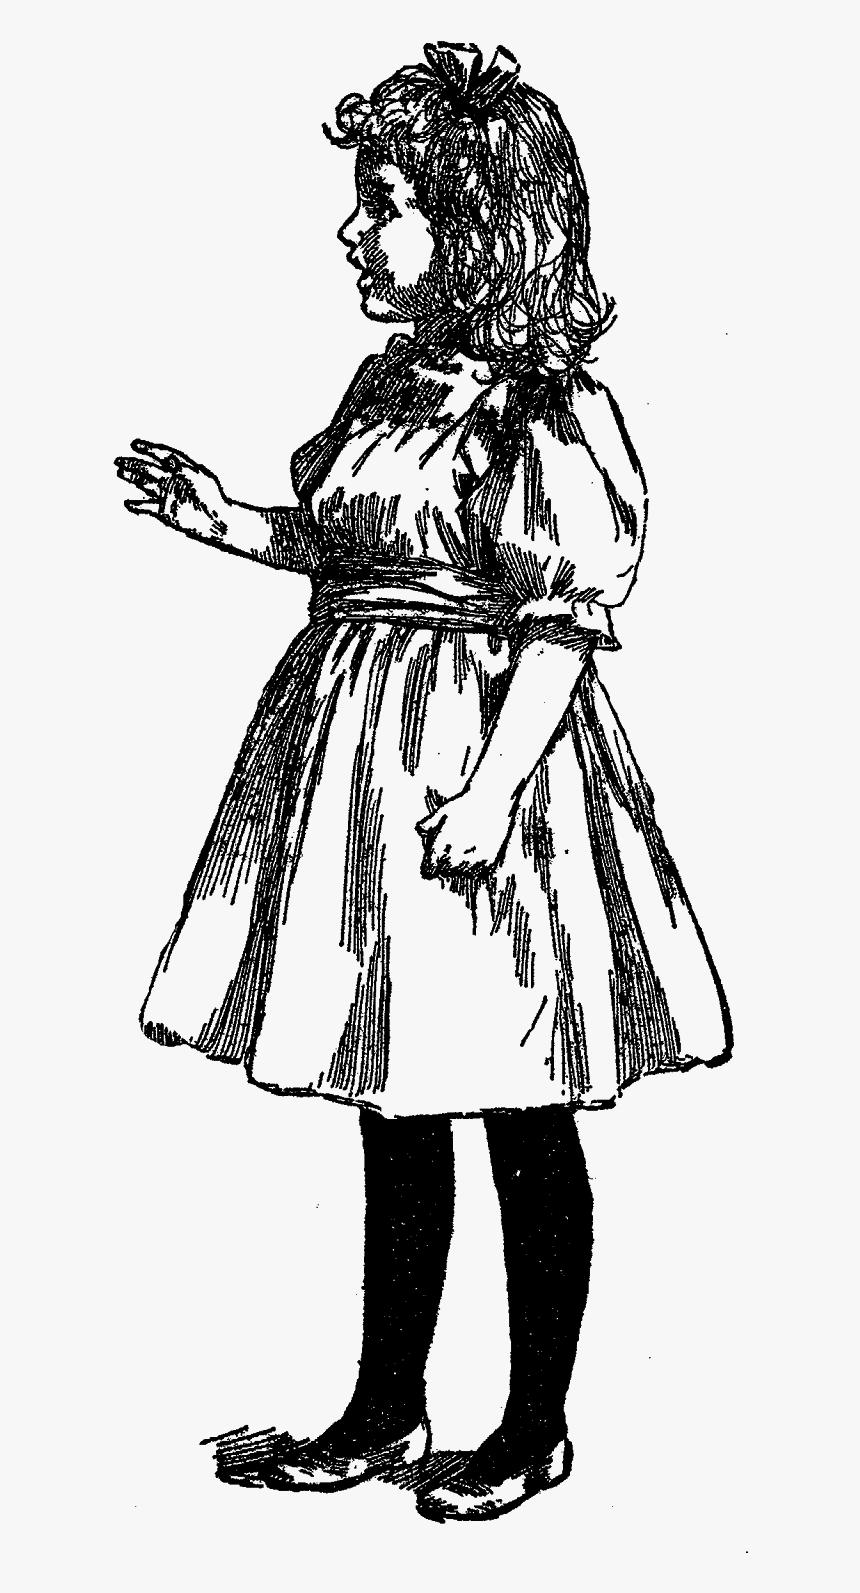 Vintage Girl Artwork Illustration Images - Victorian Girl Illustration, HD Png Download, Free Download